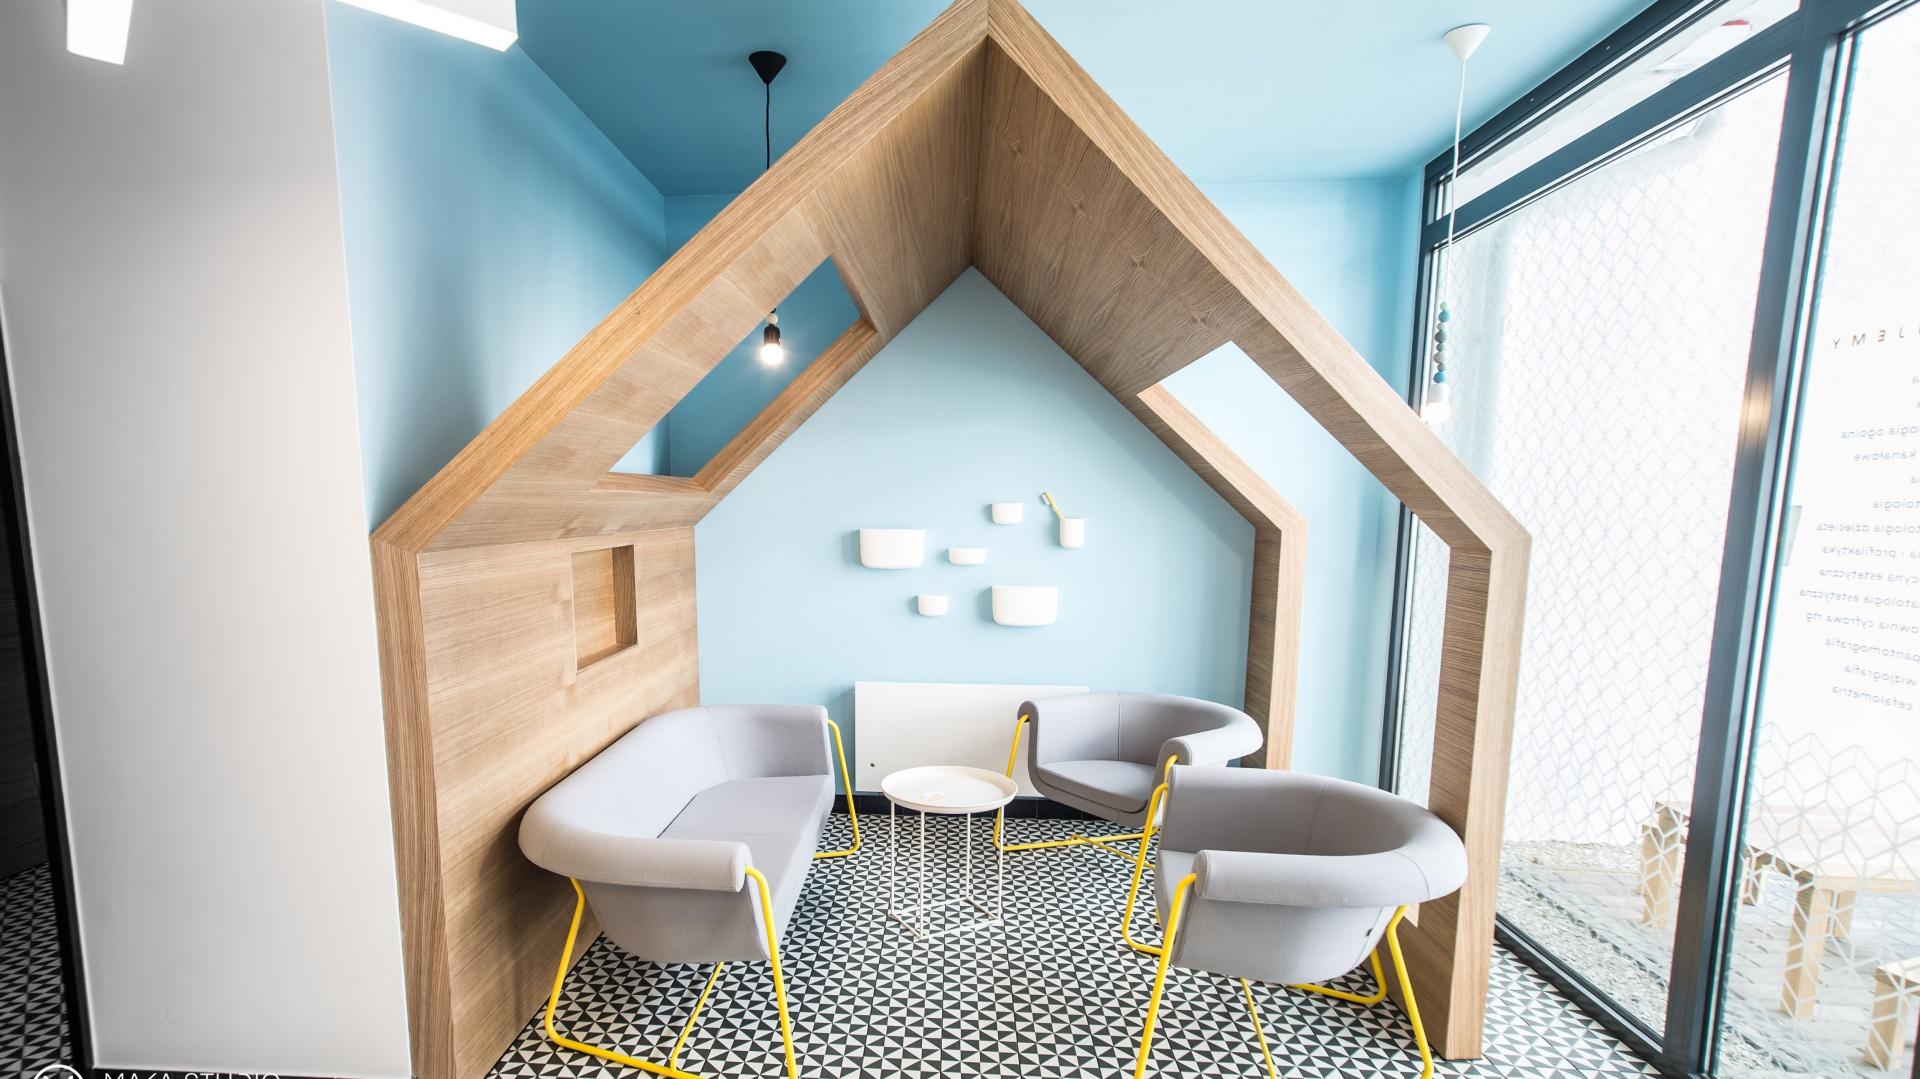 Kolory to ważny element wystroju kliniki. Wraz z geometrycznie przekształconym wzorem sieci, tworzy lokalne poczucie miejsca. Fot. Maka Studio